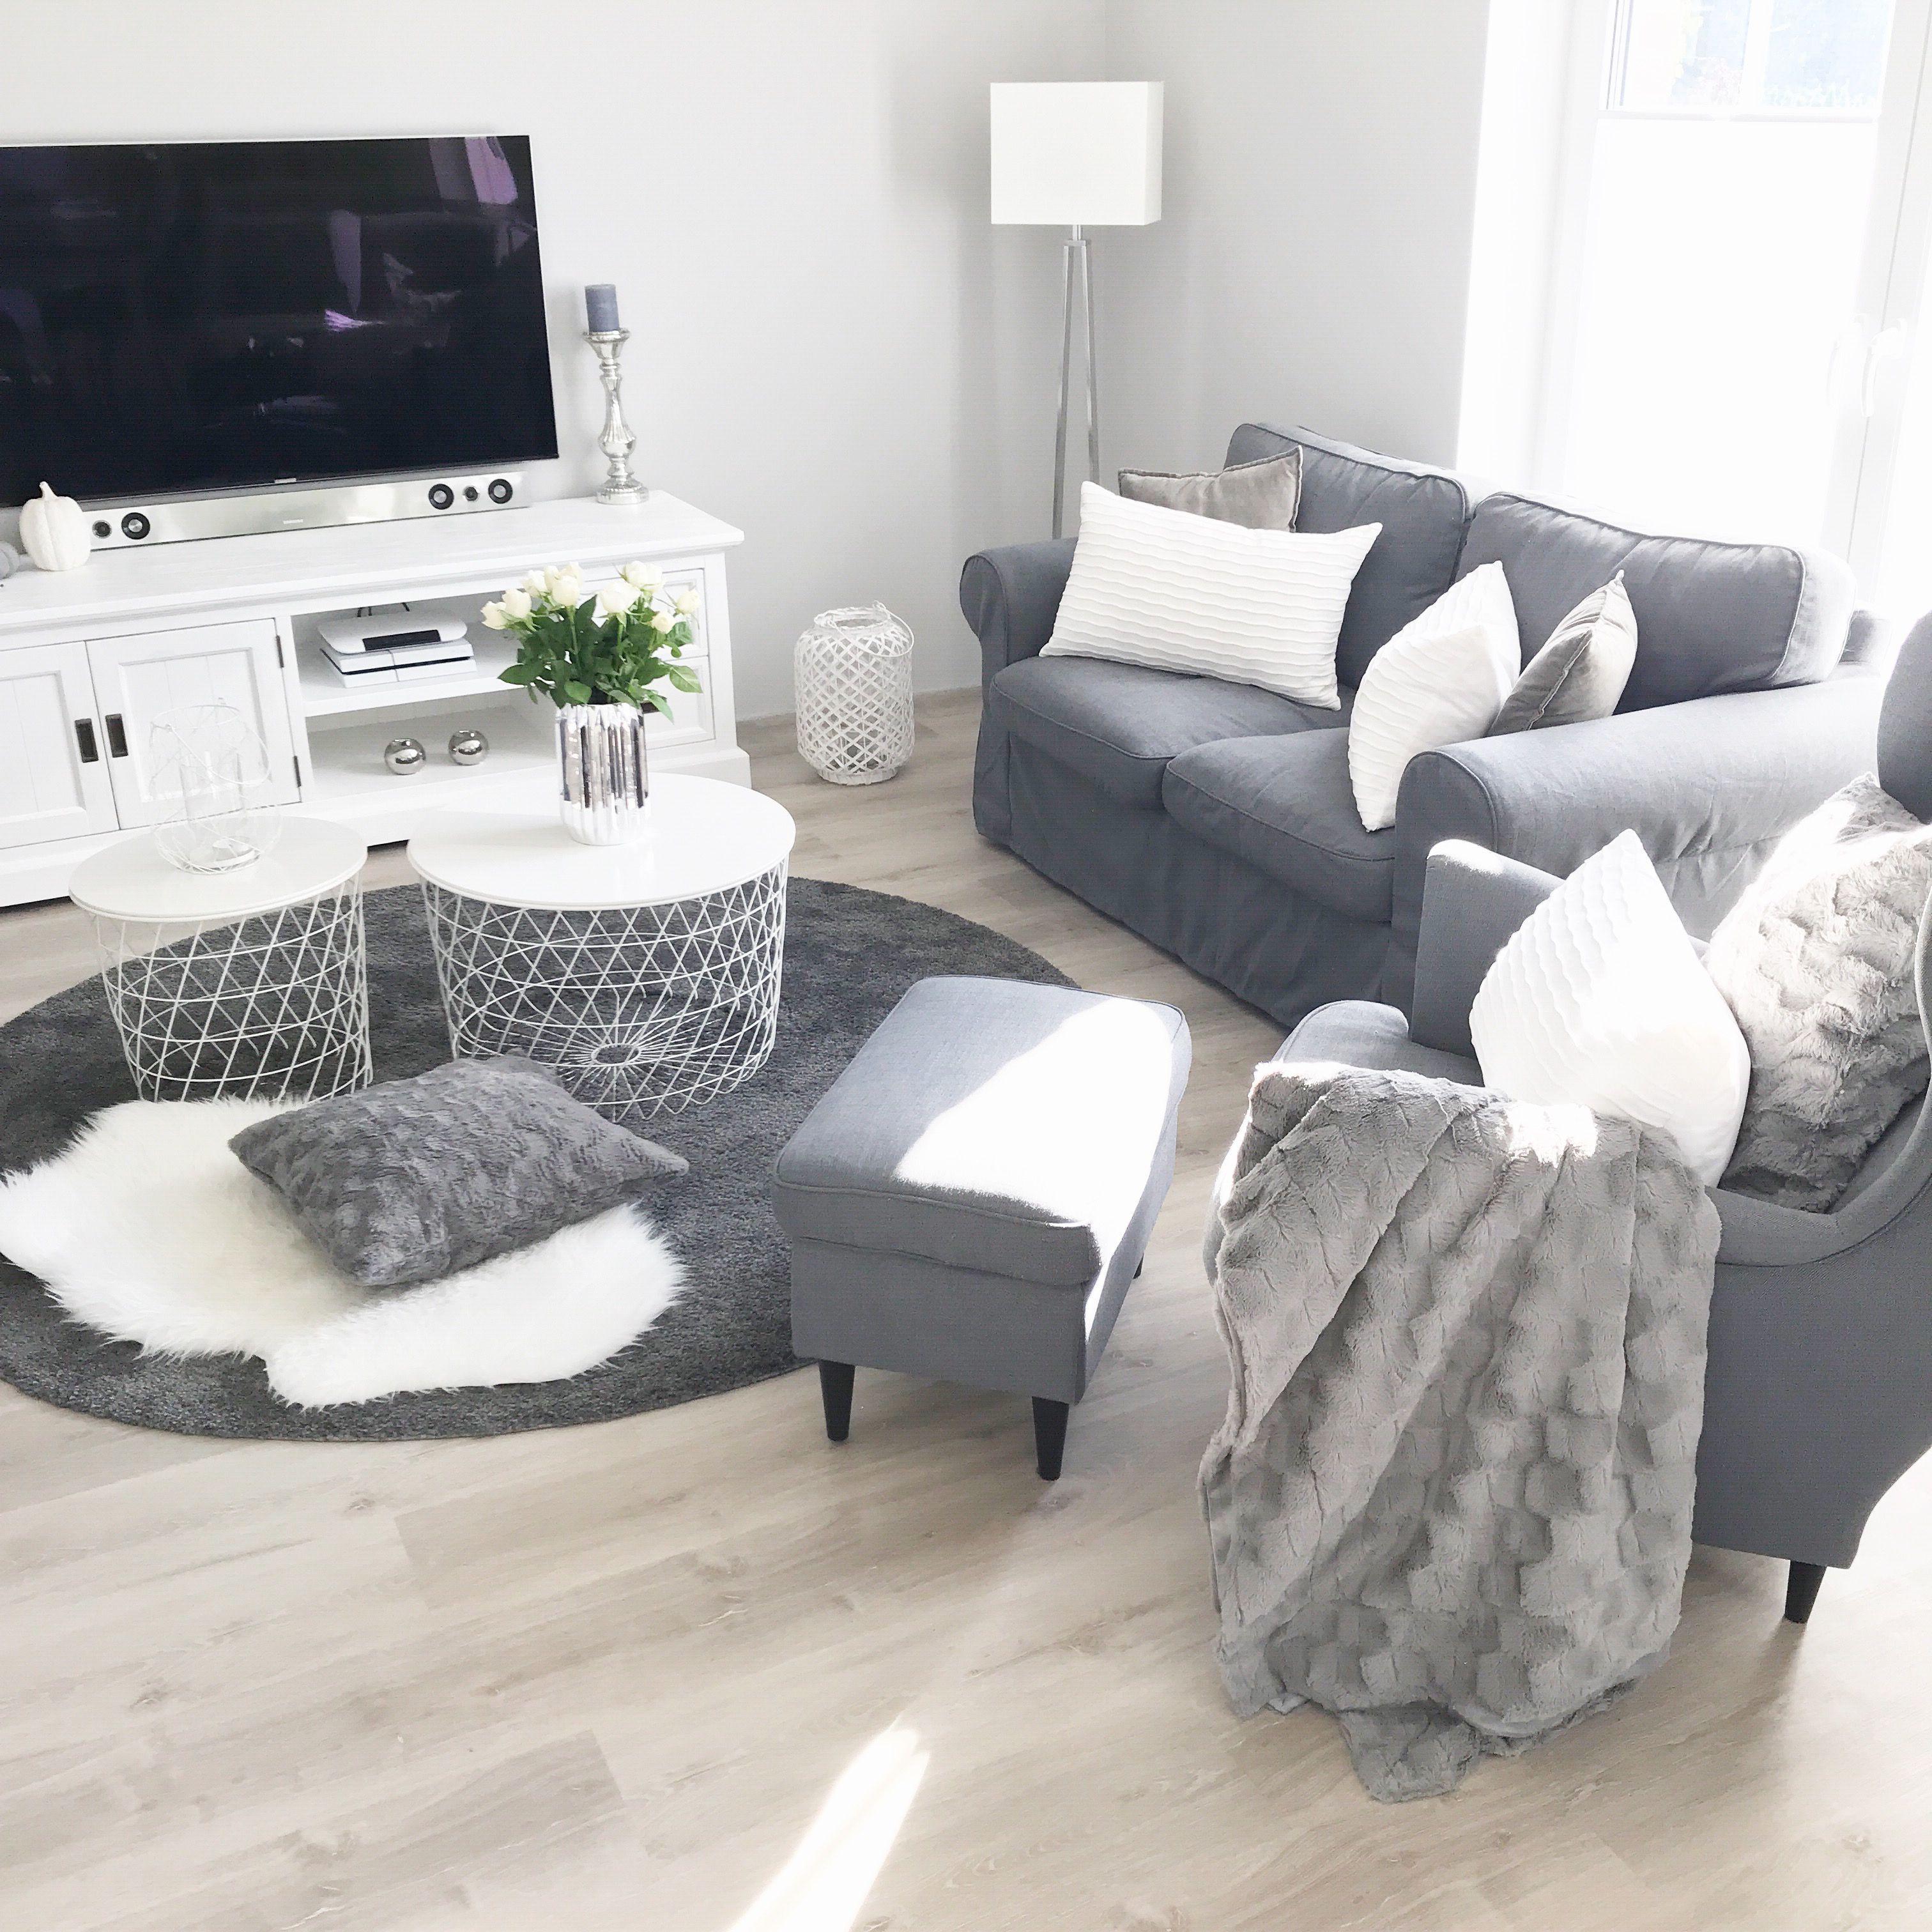 Instagram Wohn Emotion Landhaus Wohnzimmer Livingroom Modern Grau Weiss Grey Wh In 2020 Wohnzimmer Ideen Wohnung Wohnzimmer Einrichten Ideen Wohnung Wohnzimmer